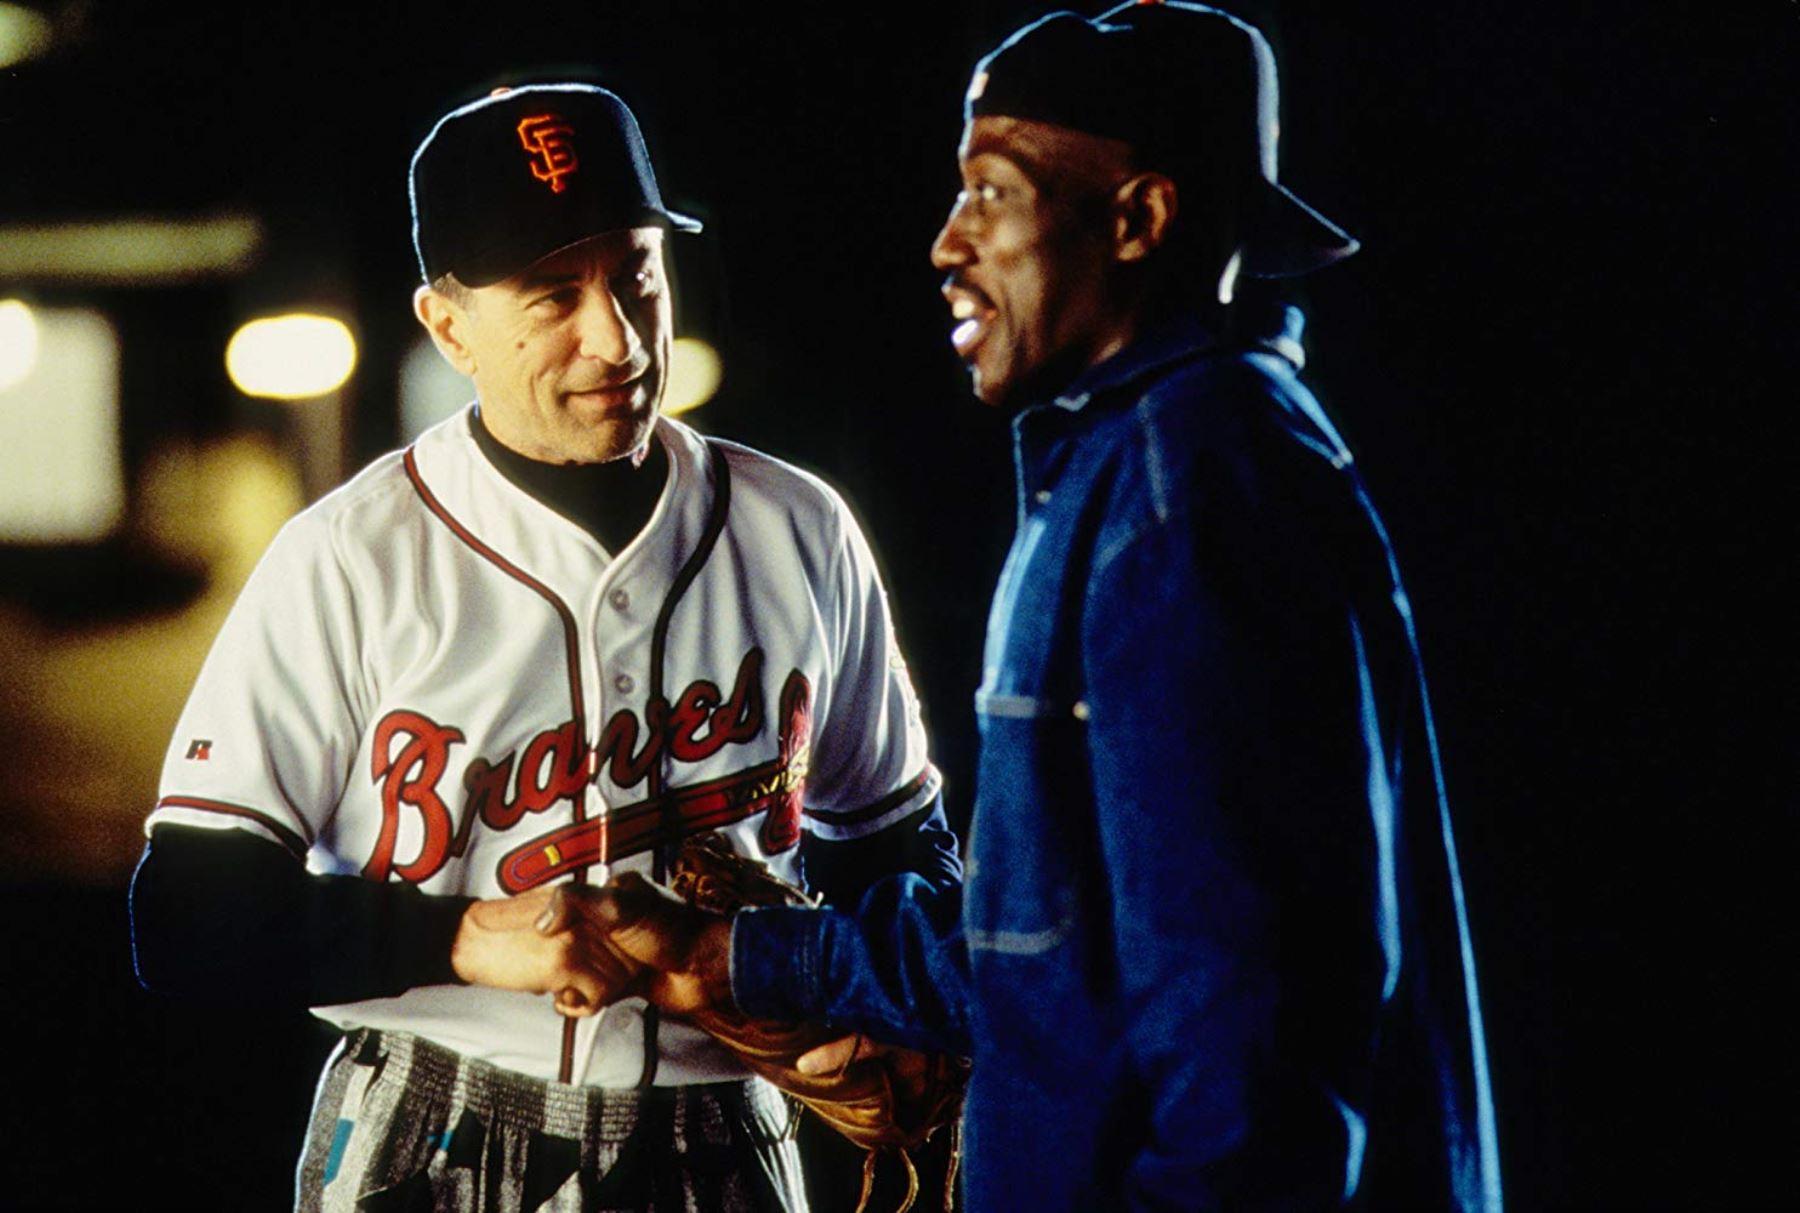 Robert De Niro junto a Wesley Snipes en la película El Fan. Foto: INTERNET/Medios